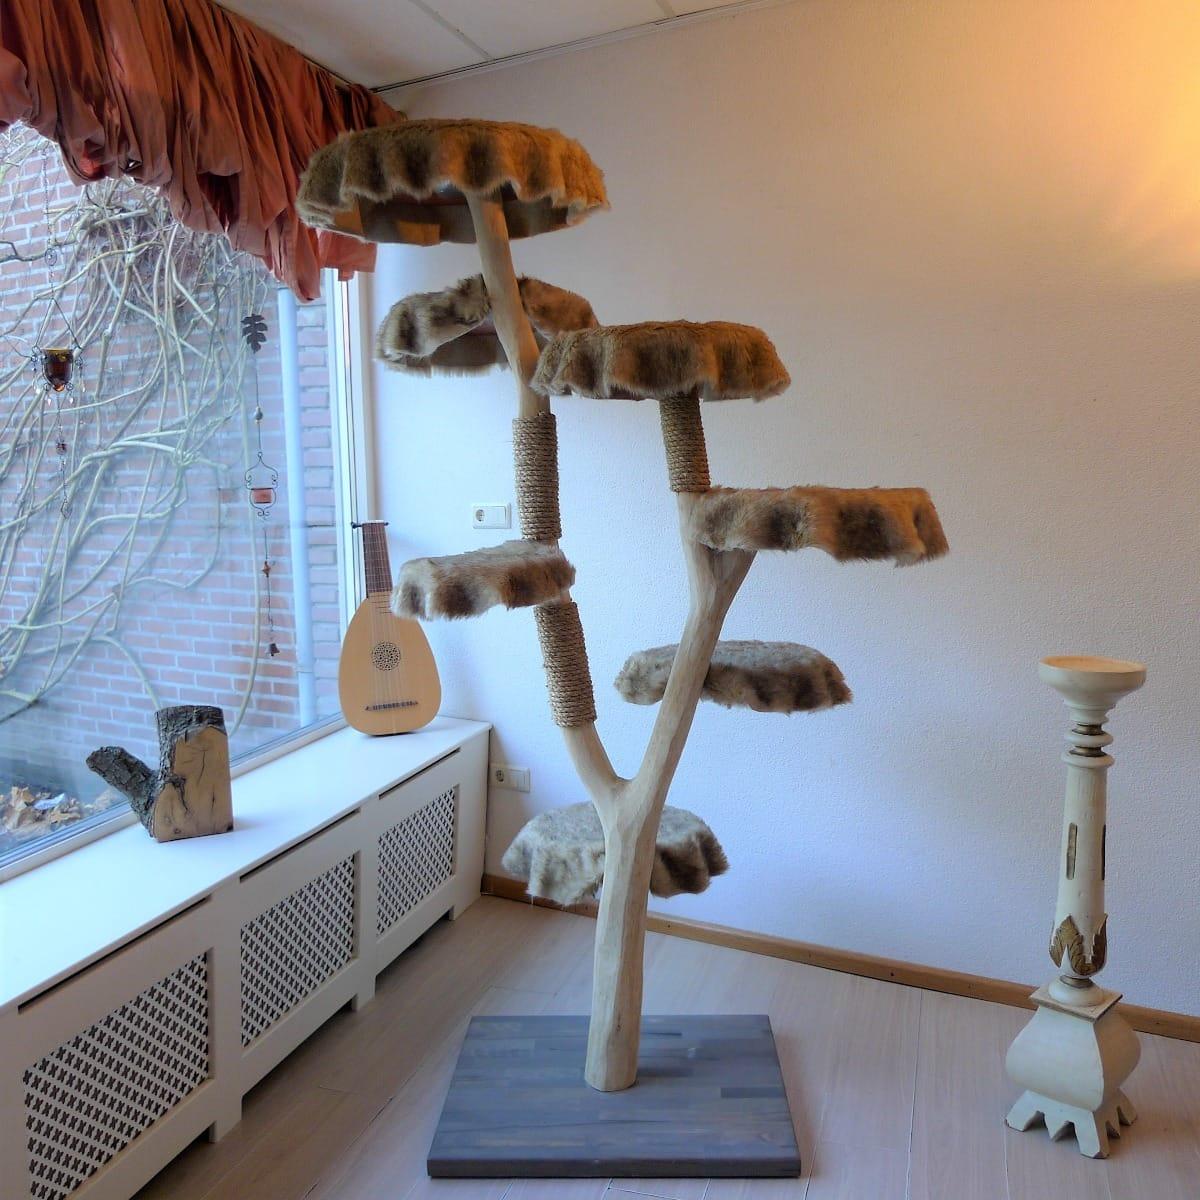 kleinanzeigen | | kratzbäume & kratzmöbel (kaufen & verkaufen